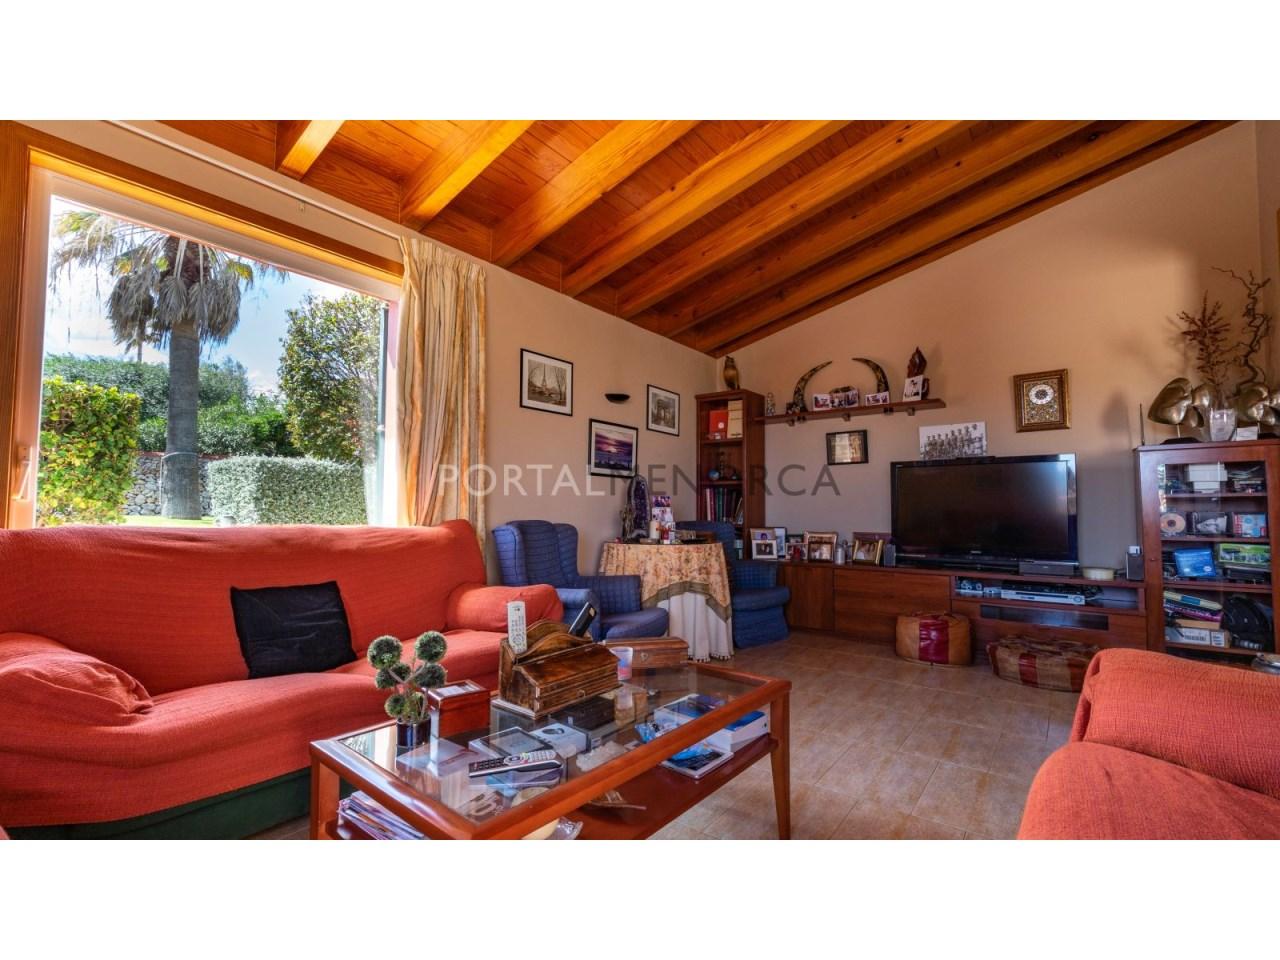 maison-vendre-menorca-minorque (5)